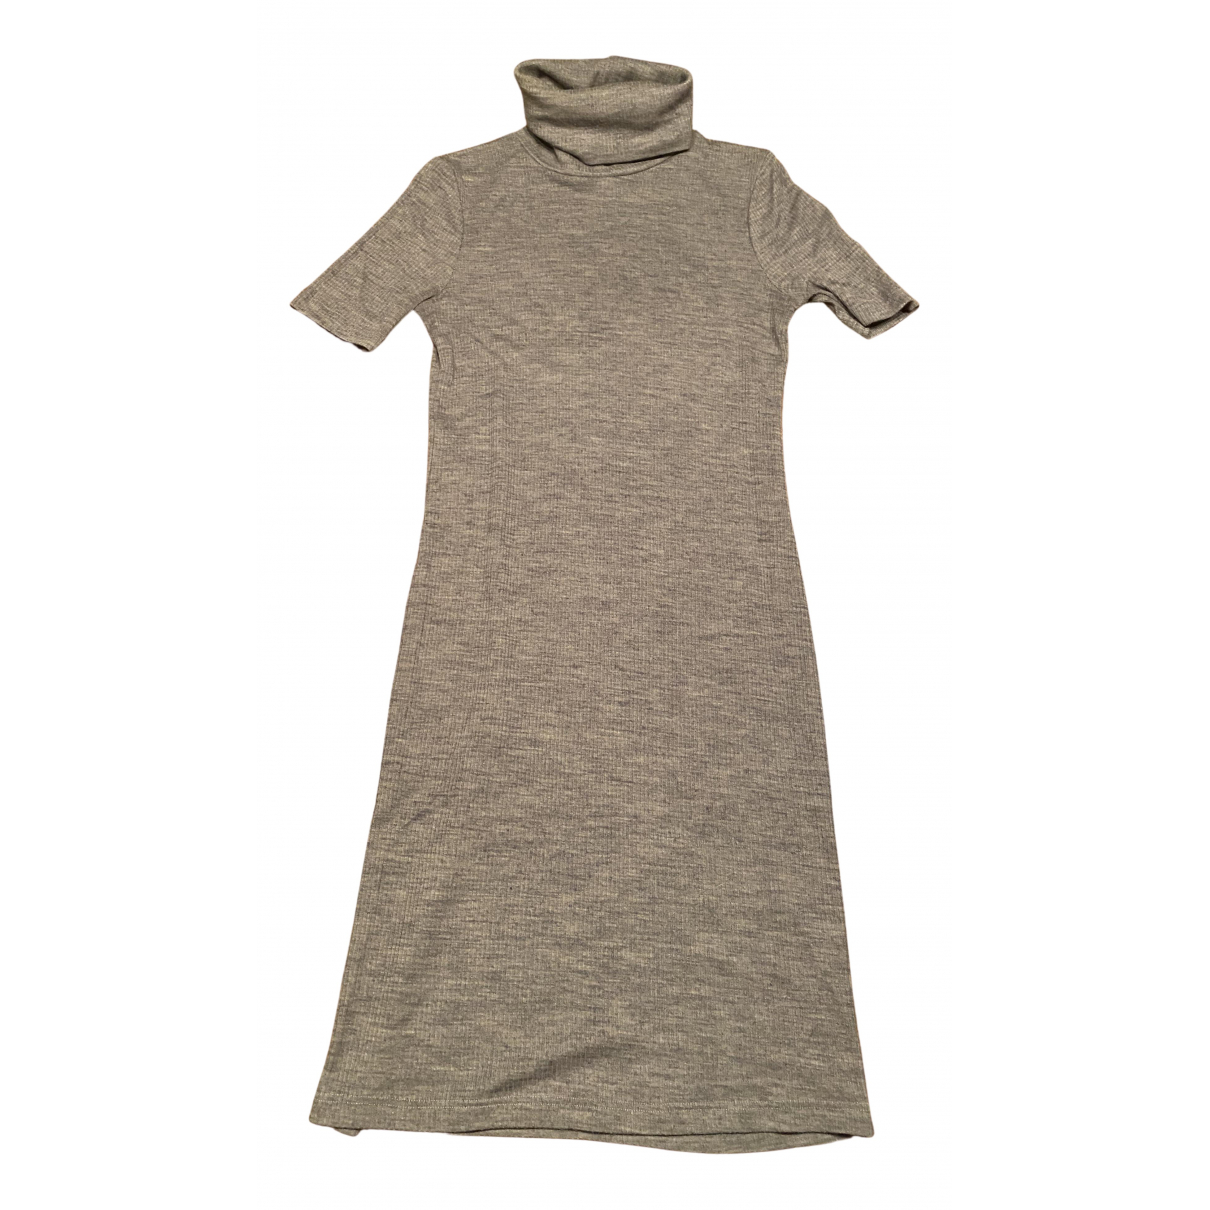 Patrizia Pepe \N Kleid in  Grau Wolle